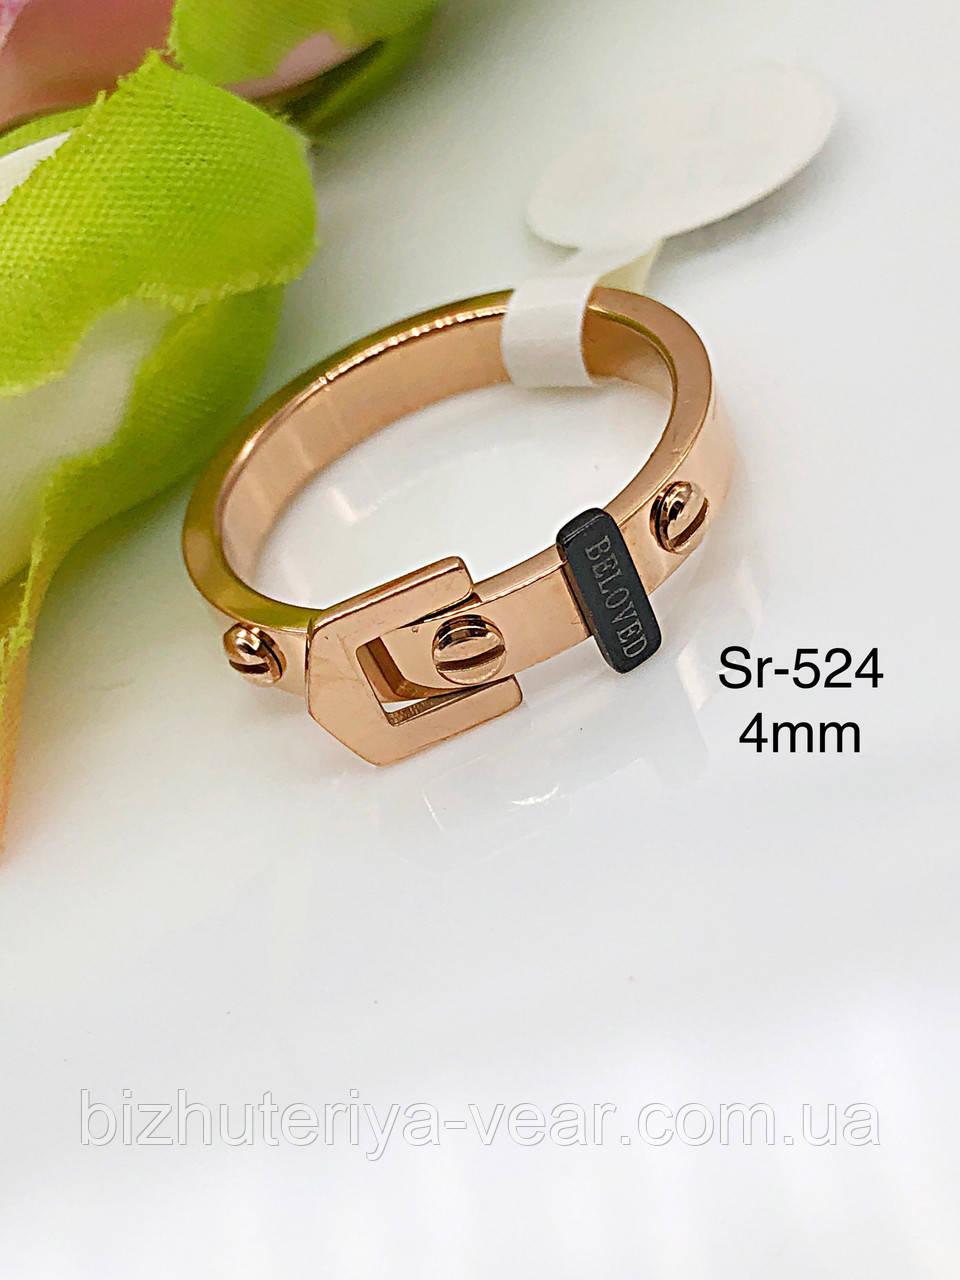 Кольцо Sr-524(6,7,8,9)